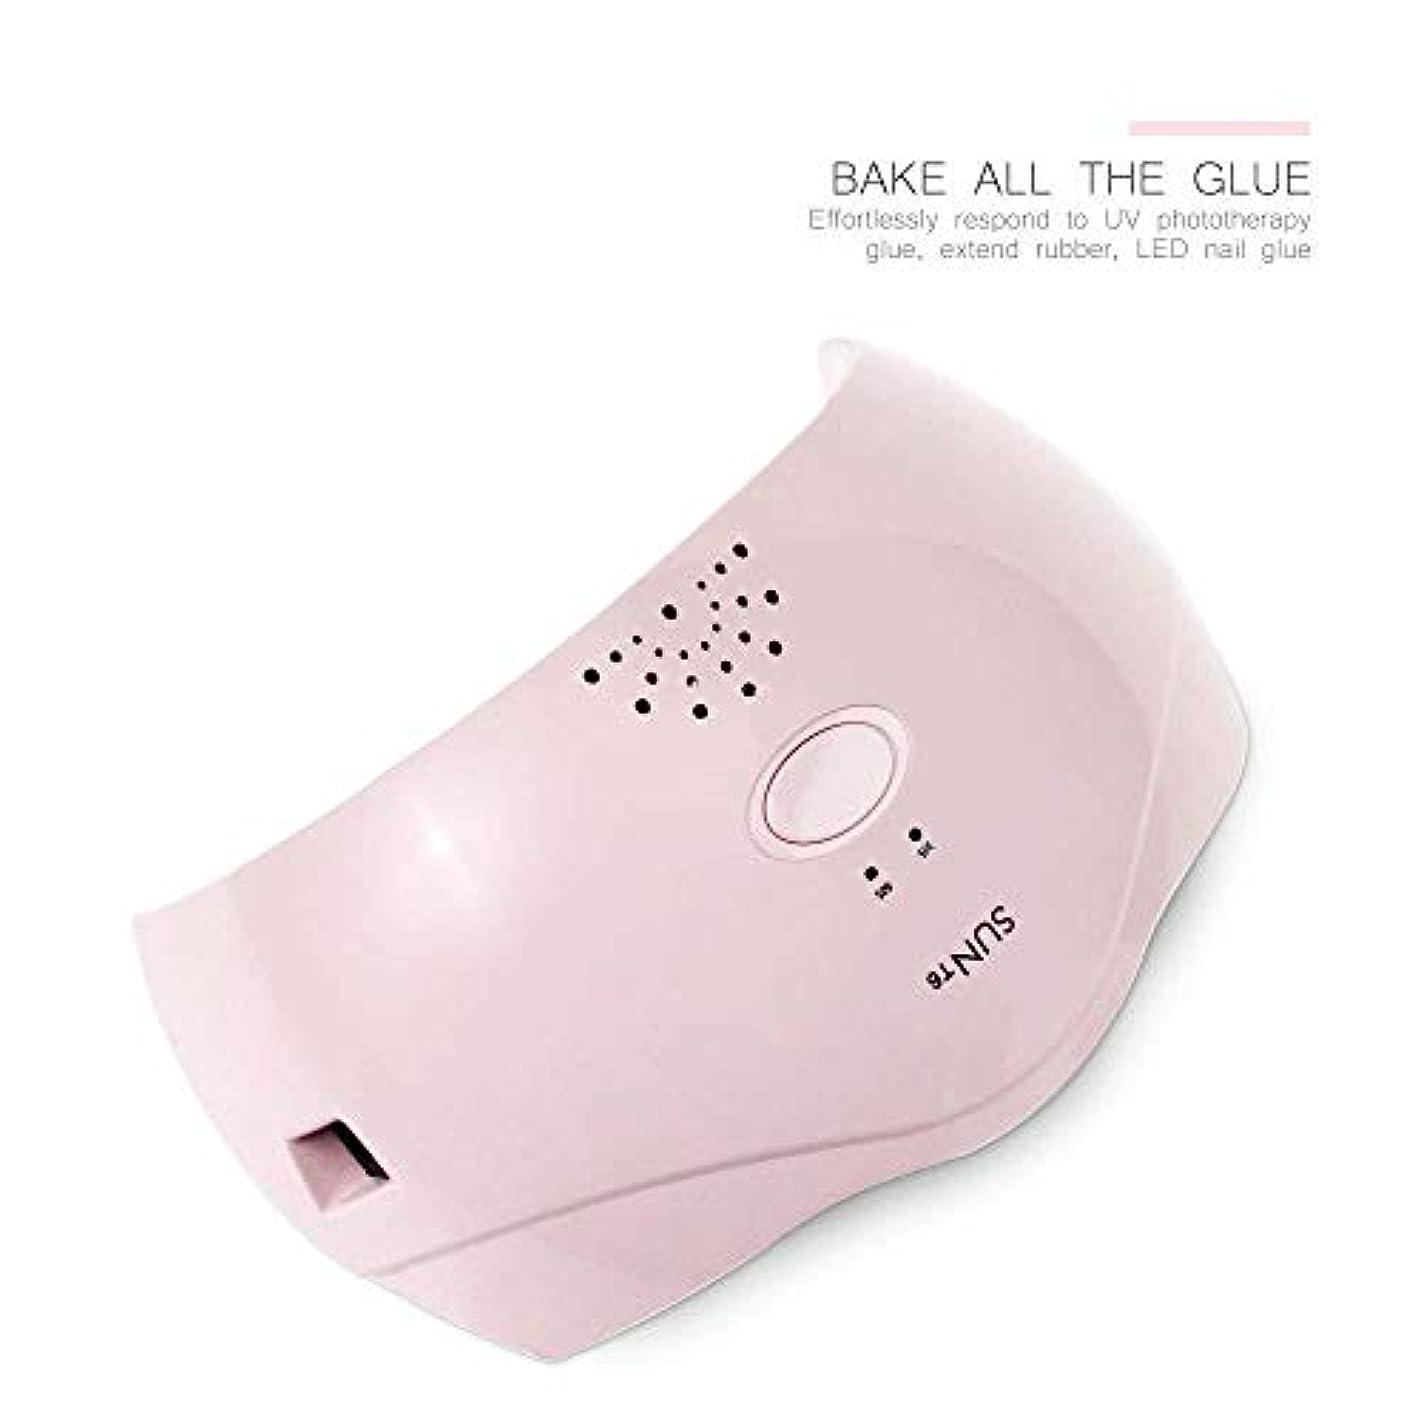 期待してかわす無効にするネイルマシン24ワットスマートネイル光線療法機デュアル光源2スピードタイマークイック乾燥、ピンク (Color : Pink)